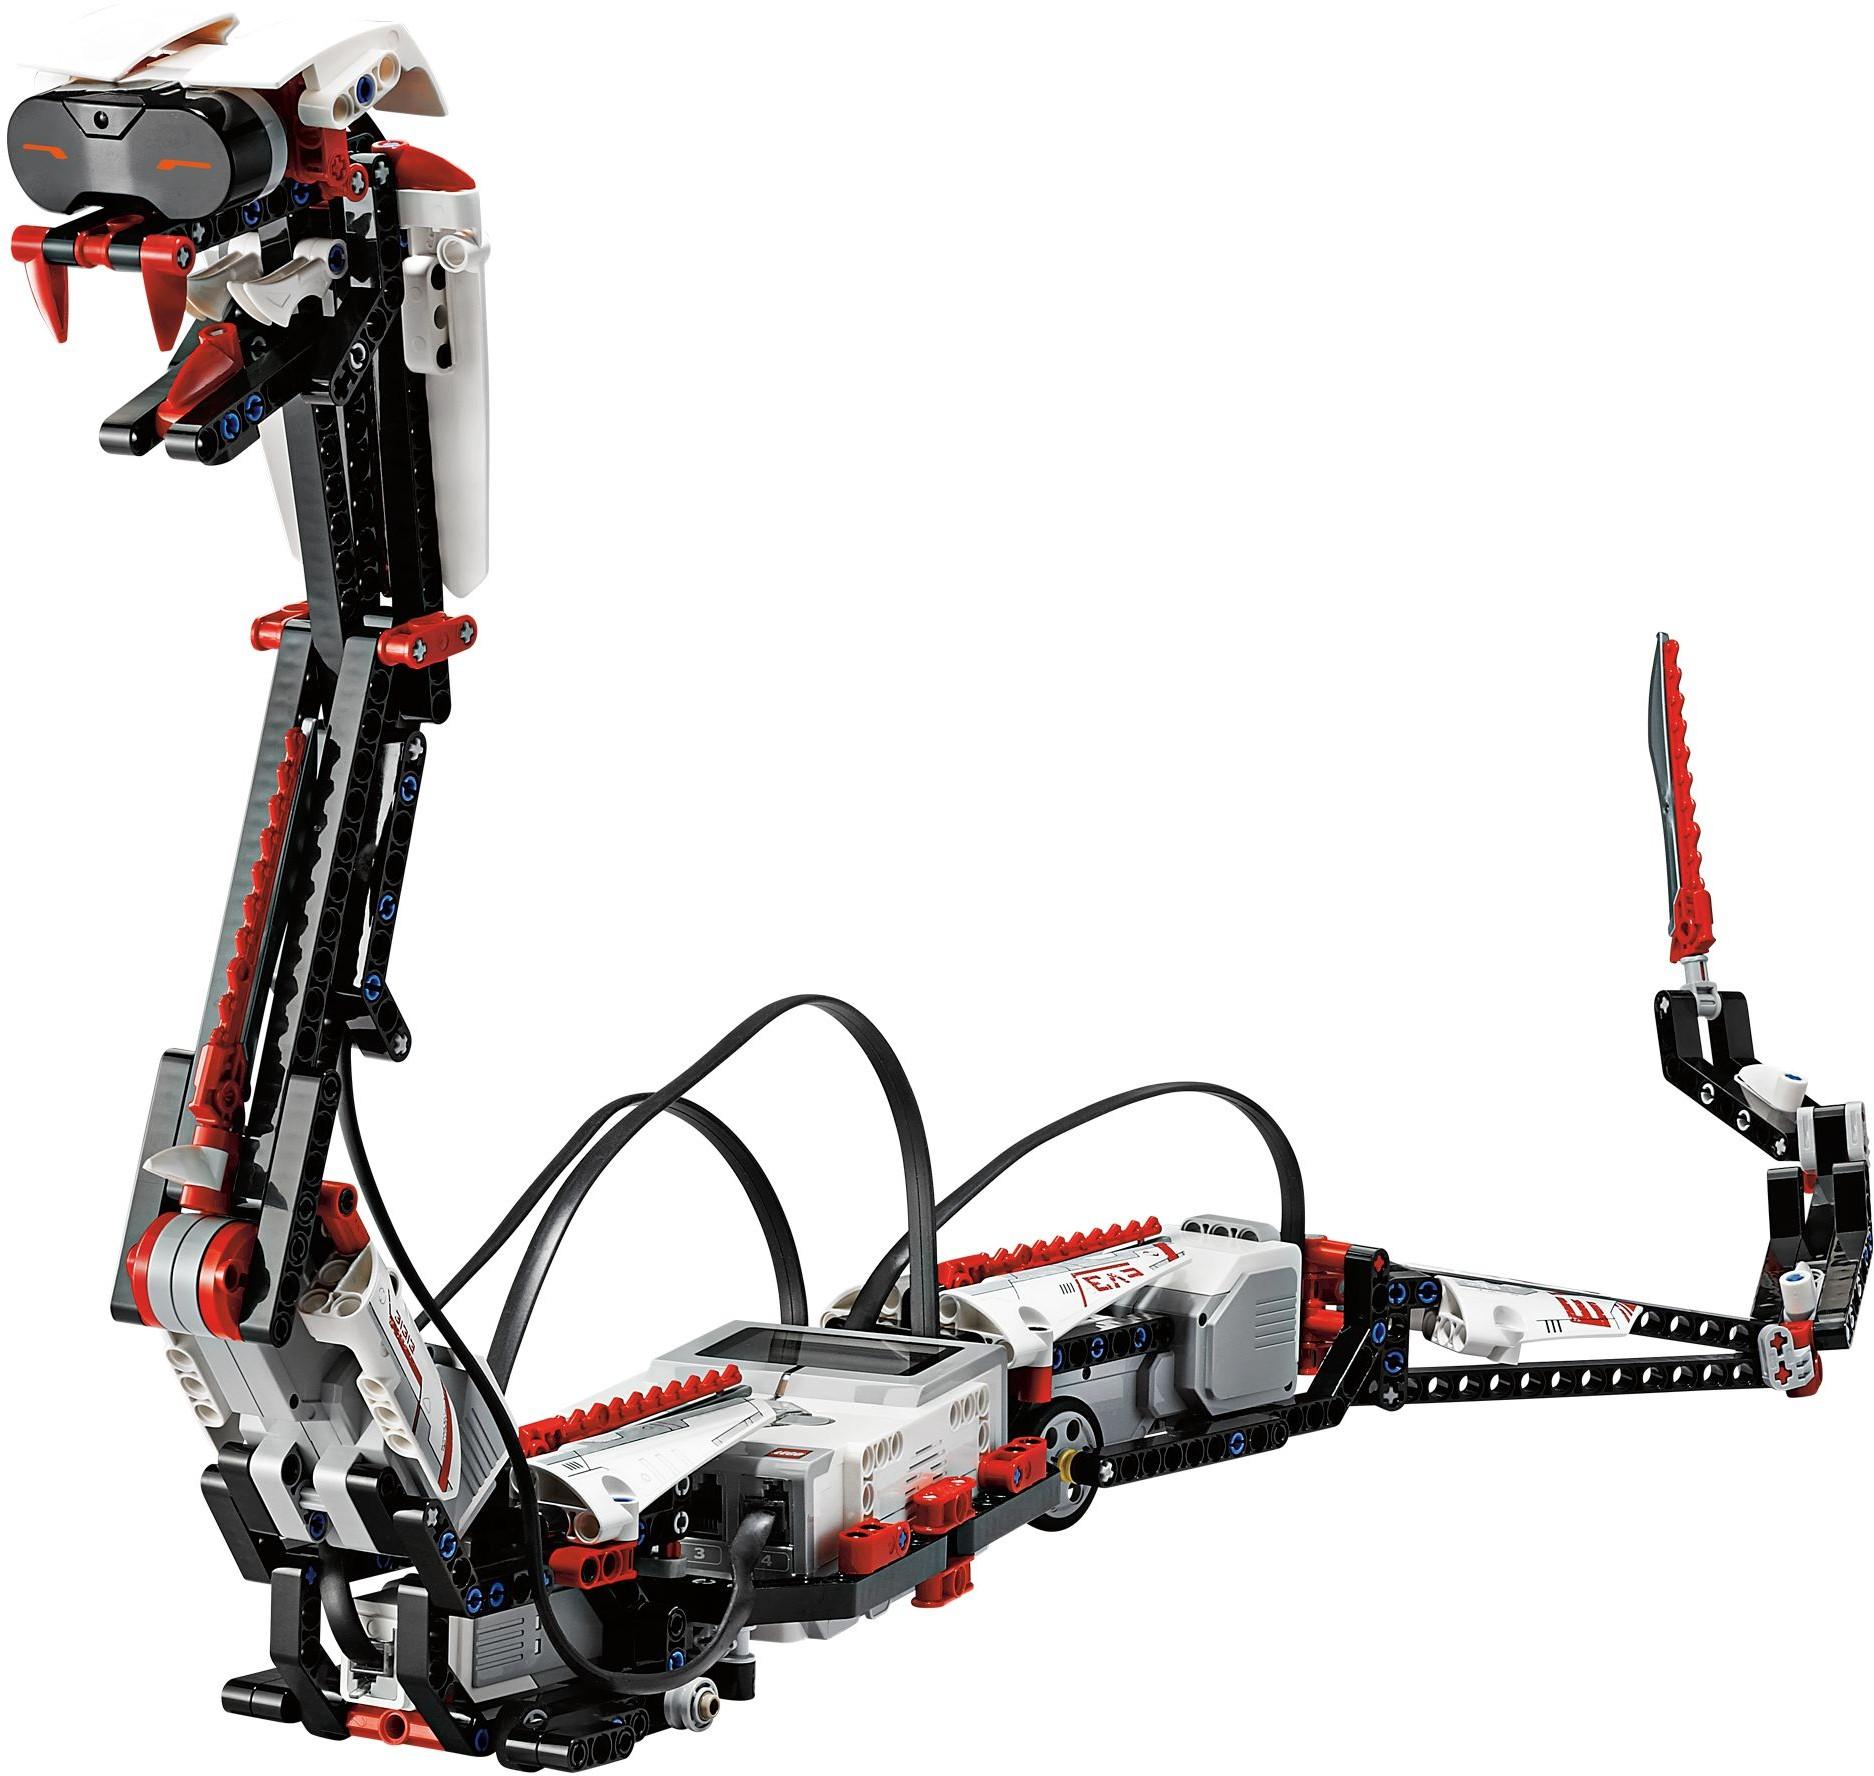 31313-1 Mindstorms EV3